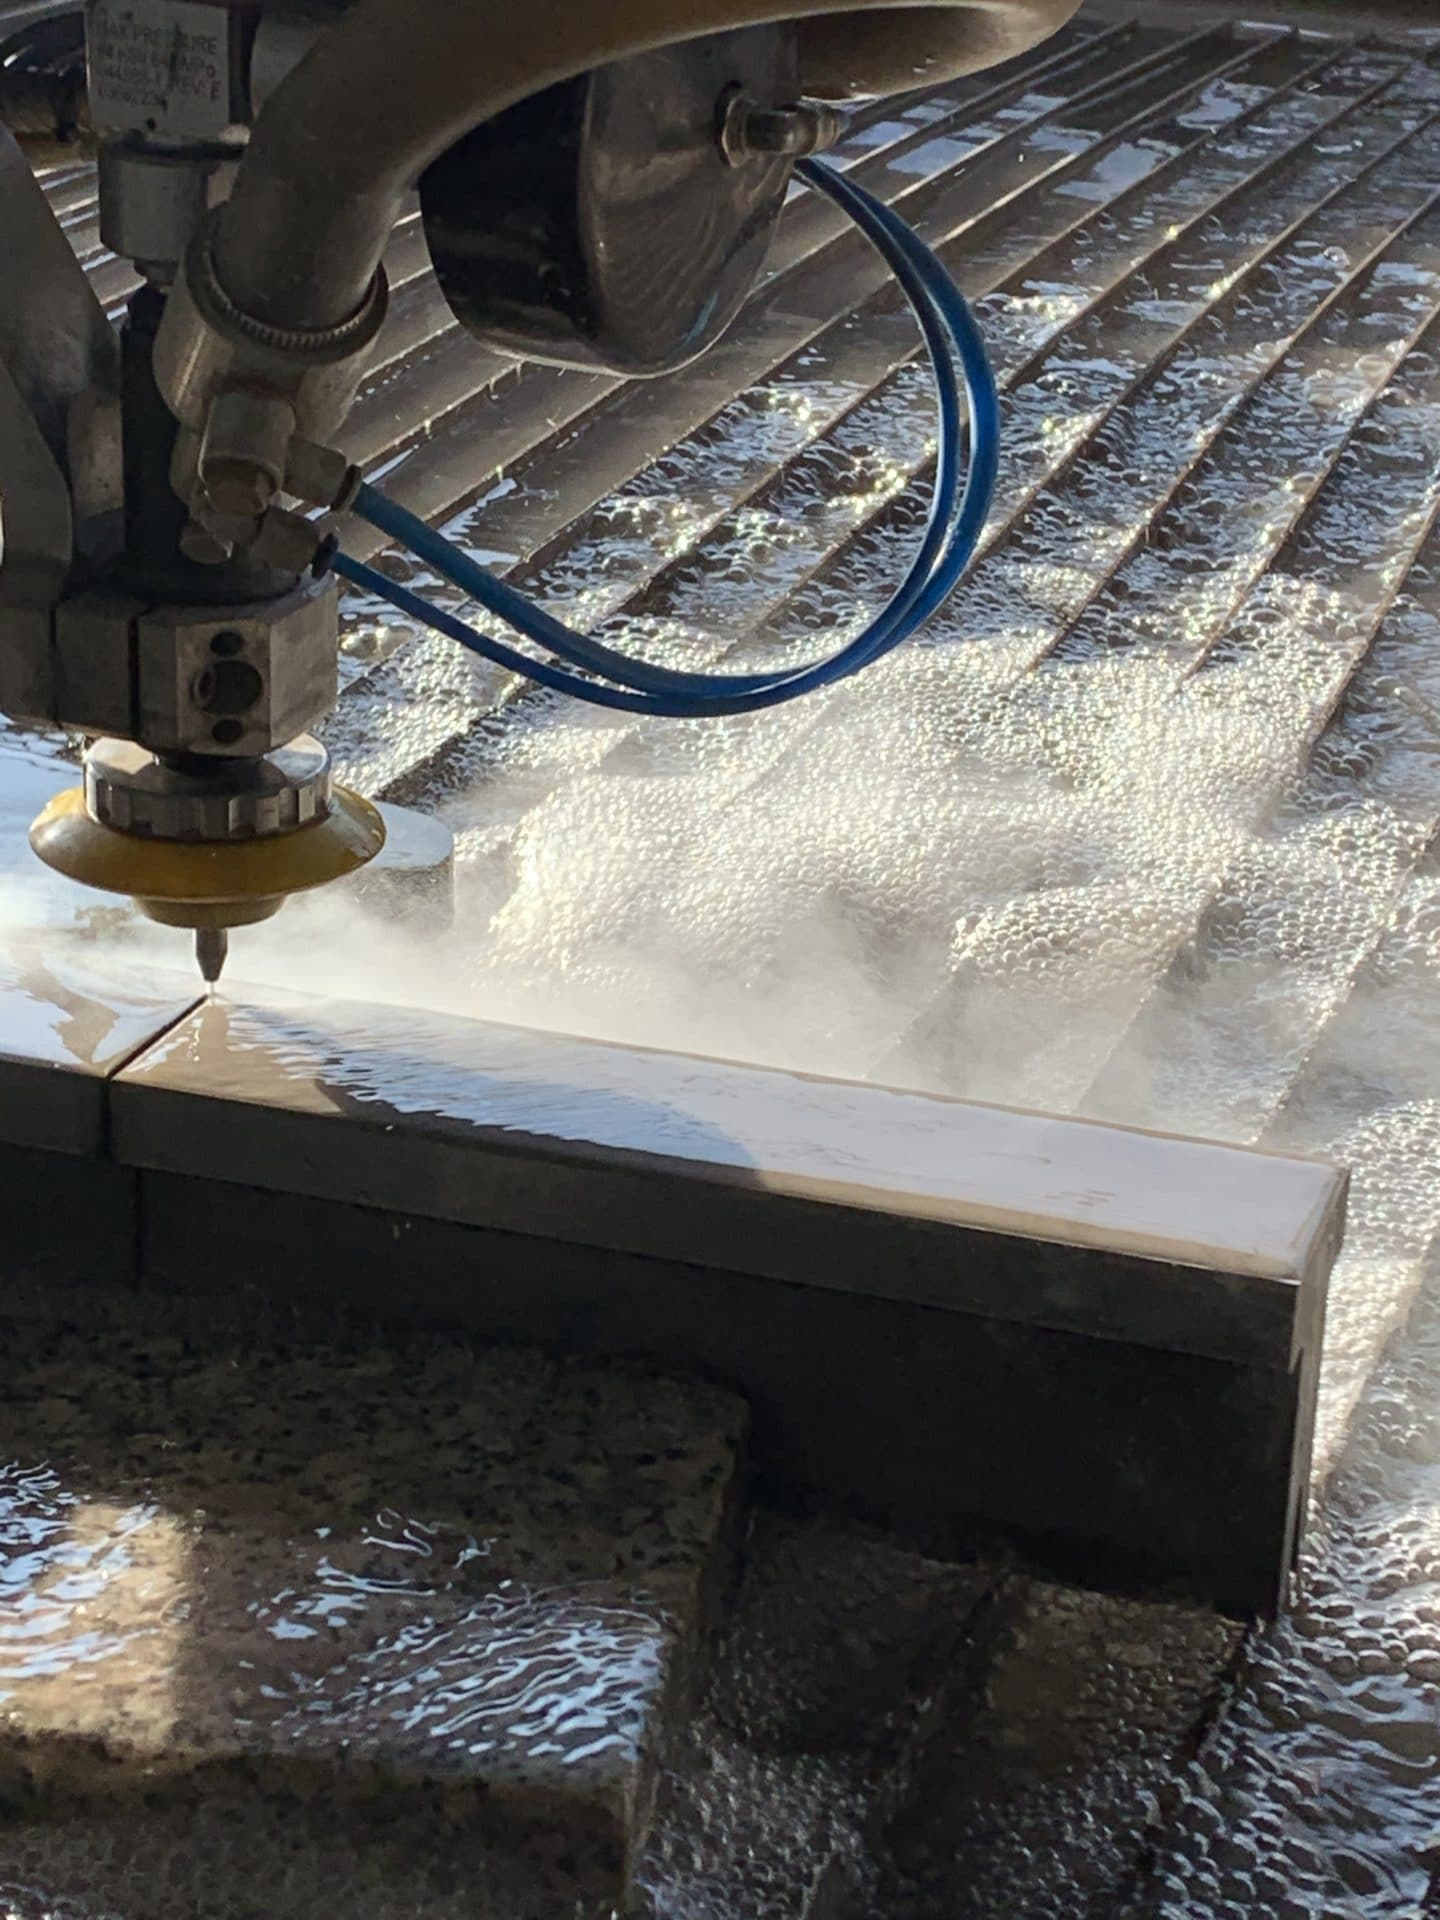 водно рязане на дебели материали на Mach 500